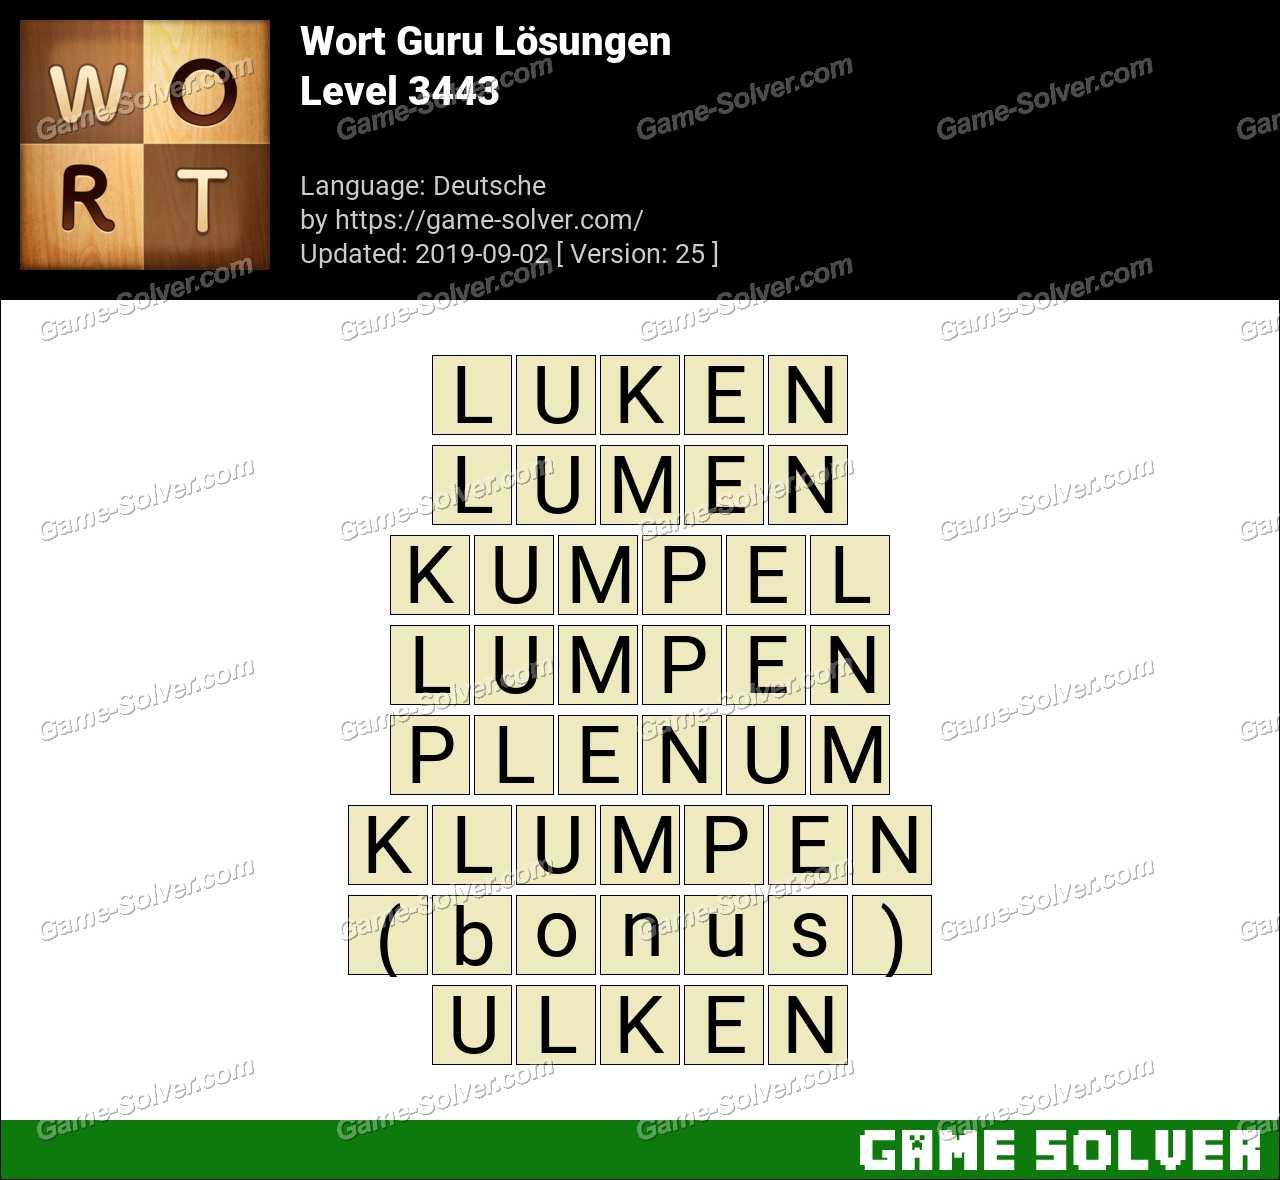 Wort Guru Level 3443 Lösungen